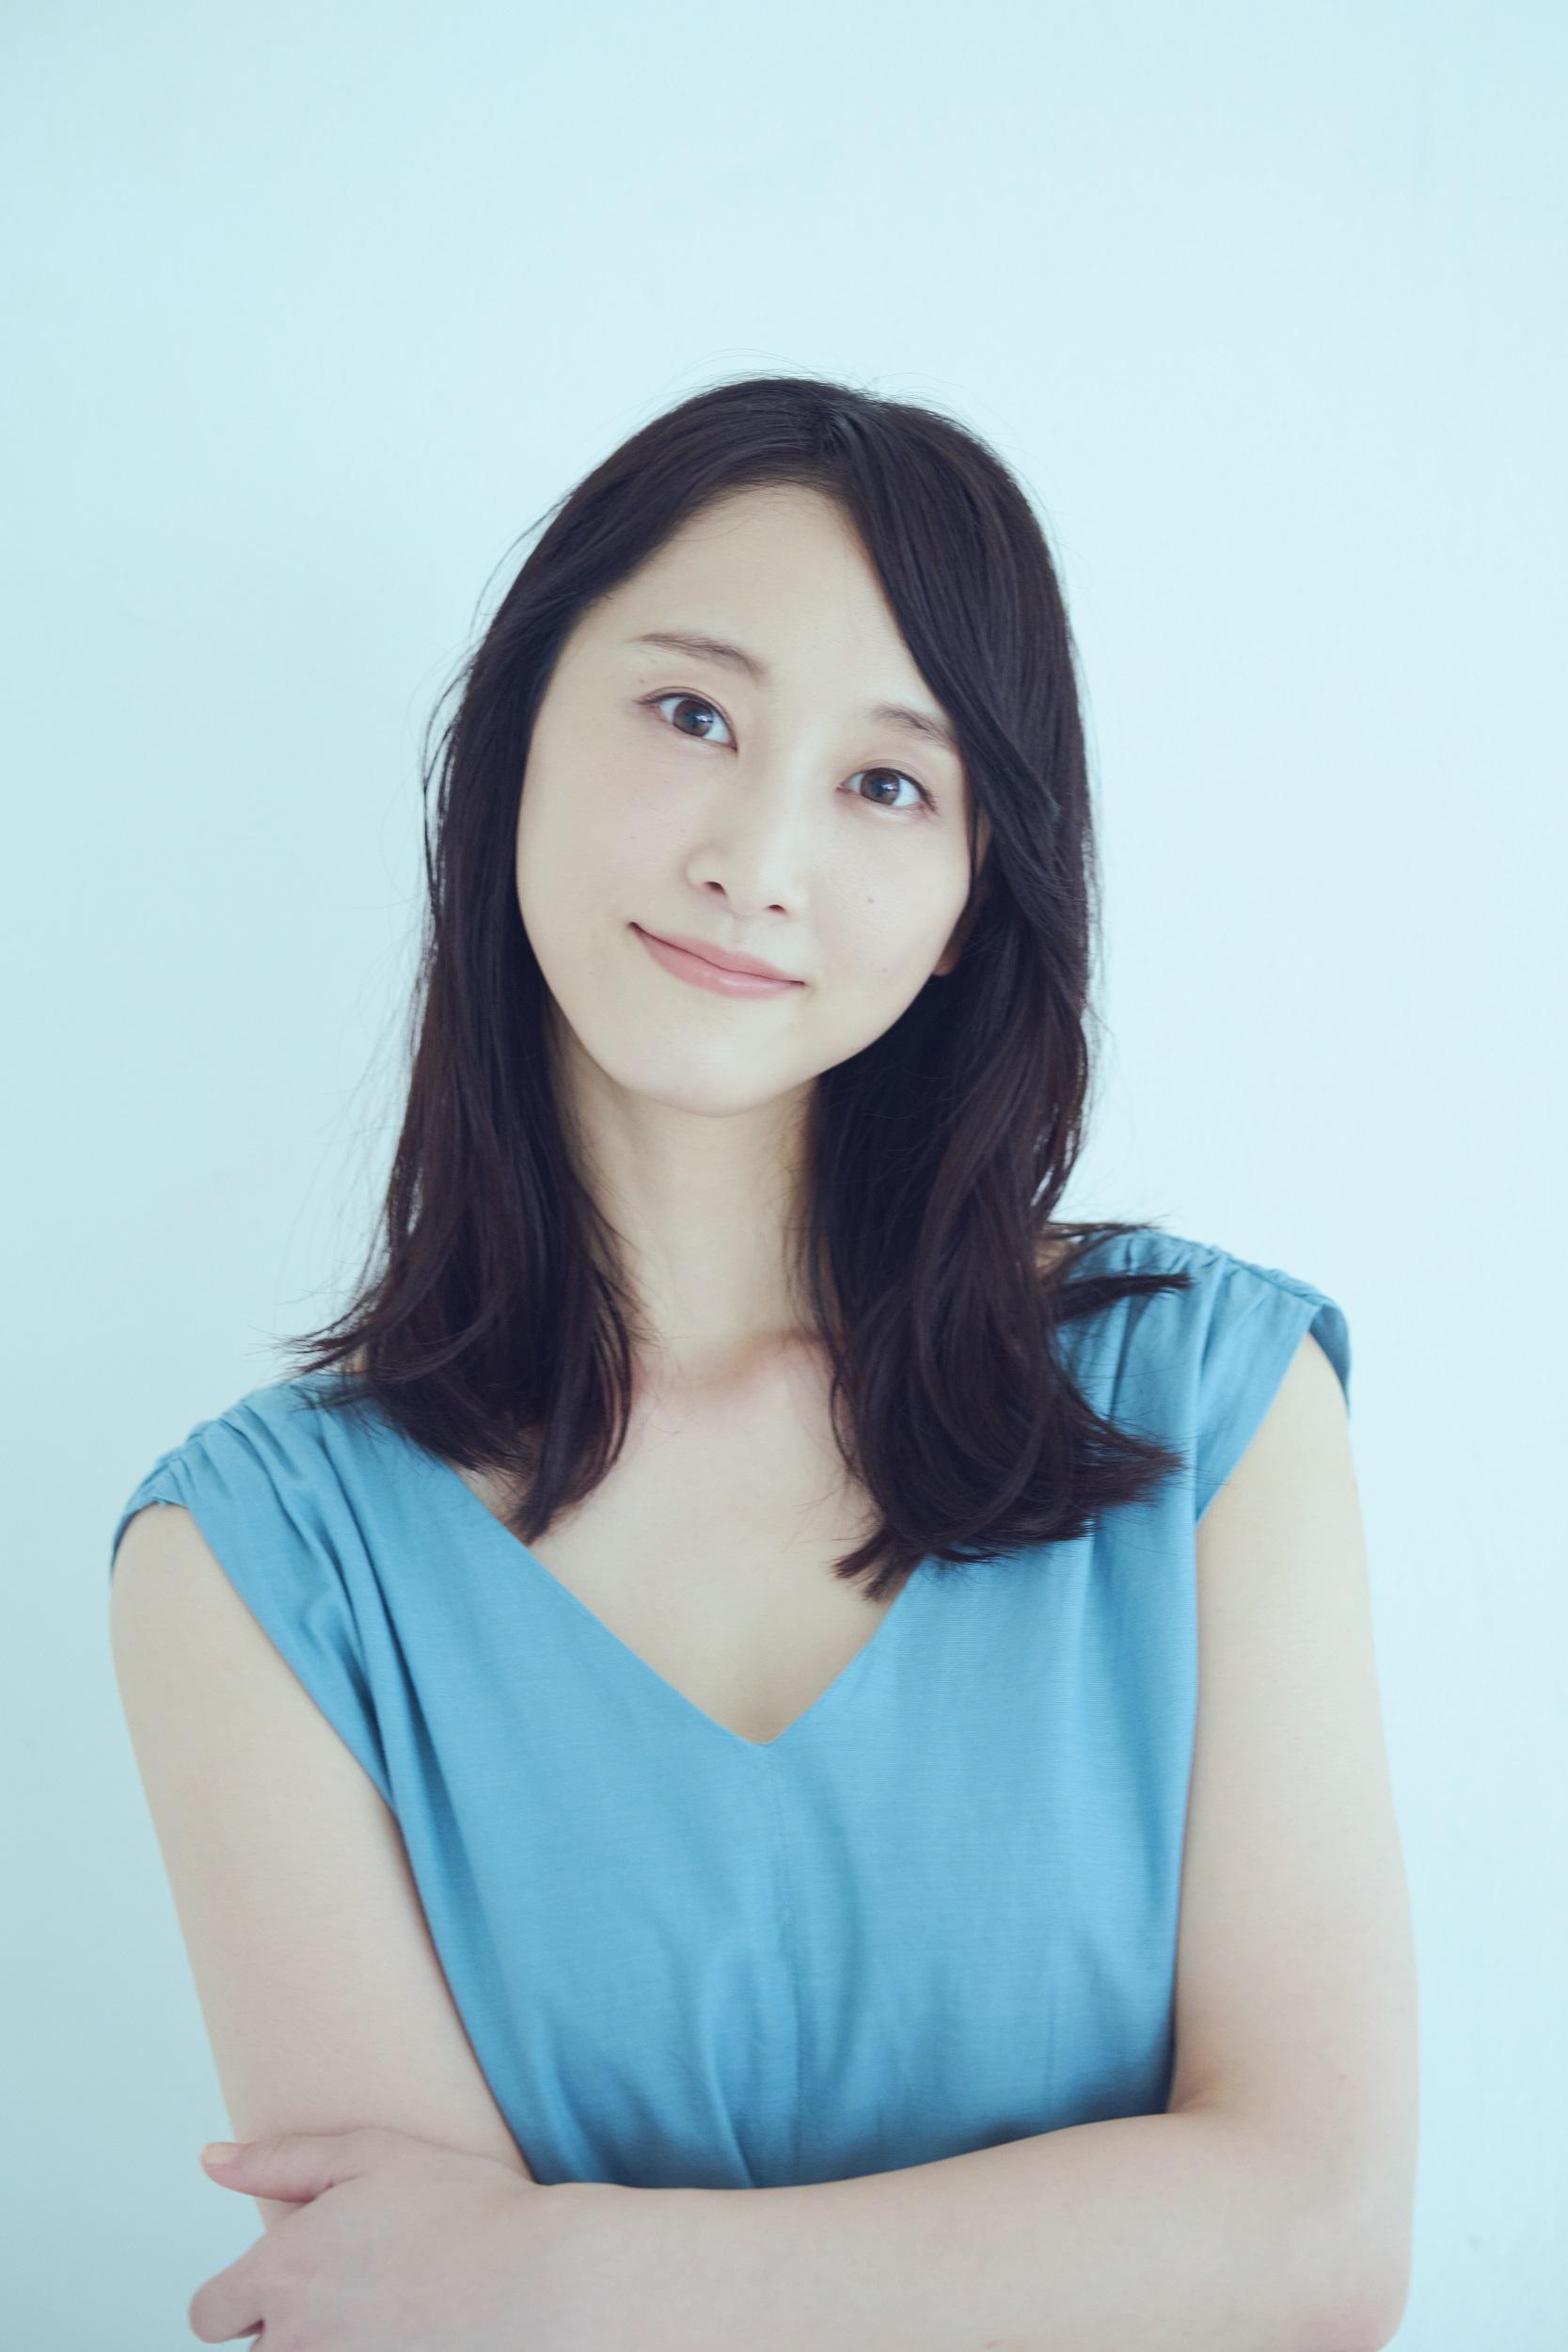 松井玲奈さん オンライントークイベント【抽選制】